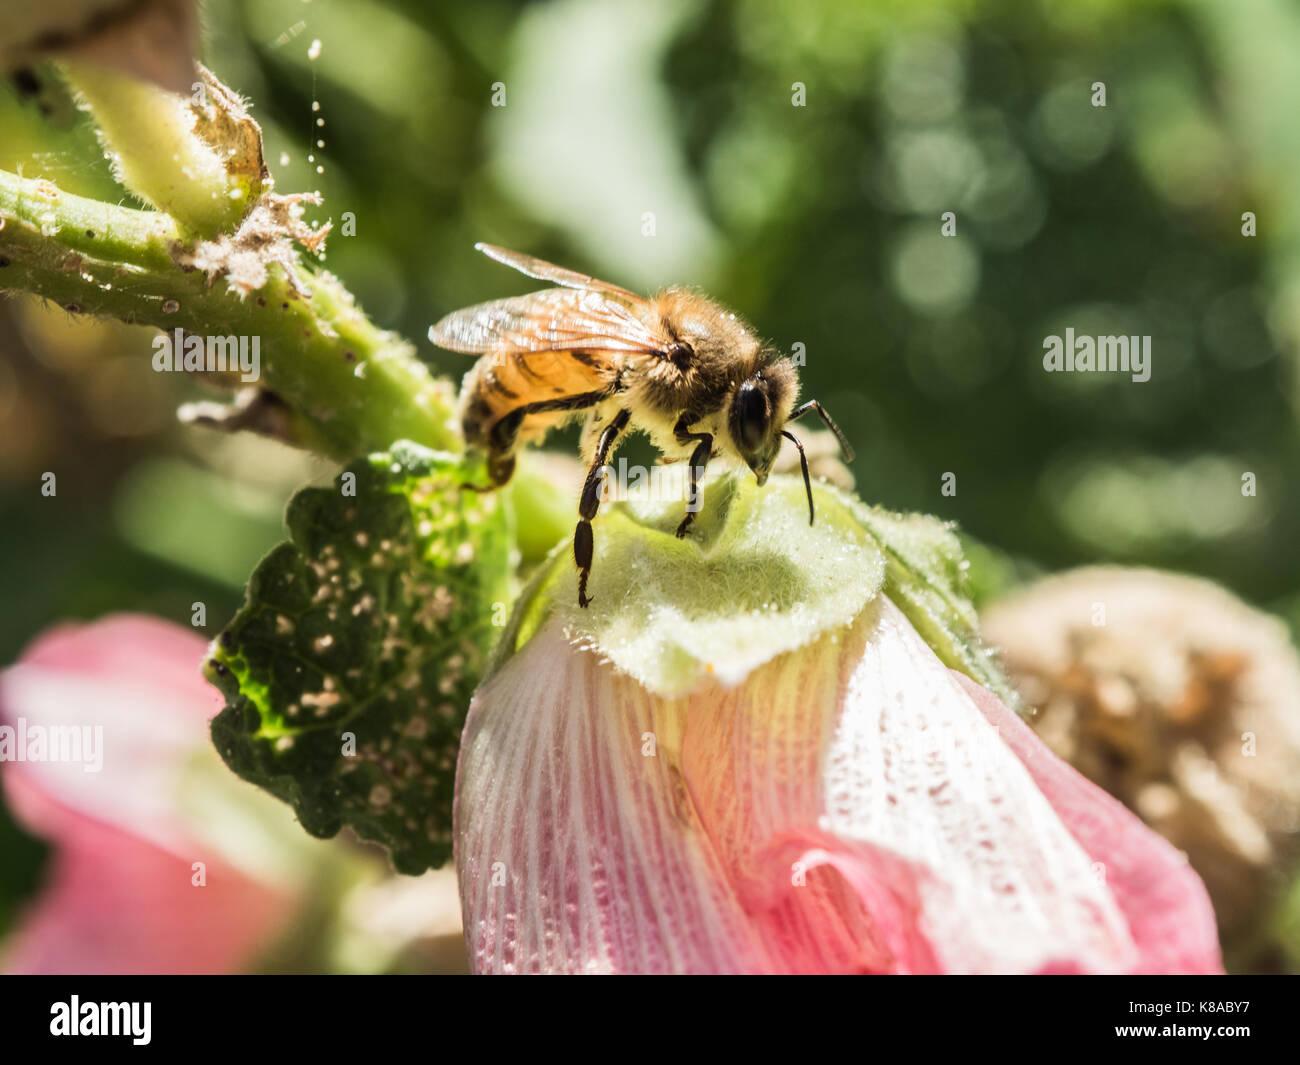 Die bestäubung. Niedlich Bild der westlichen Honigbiene. Biene bestäuben rosa Blume. Makro anzeigen. Close Stockbild